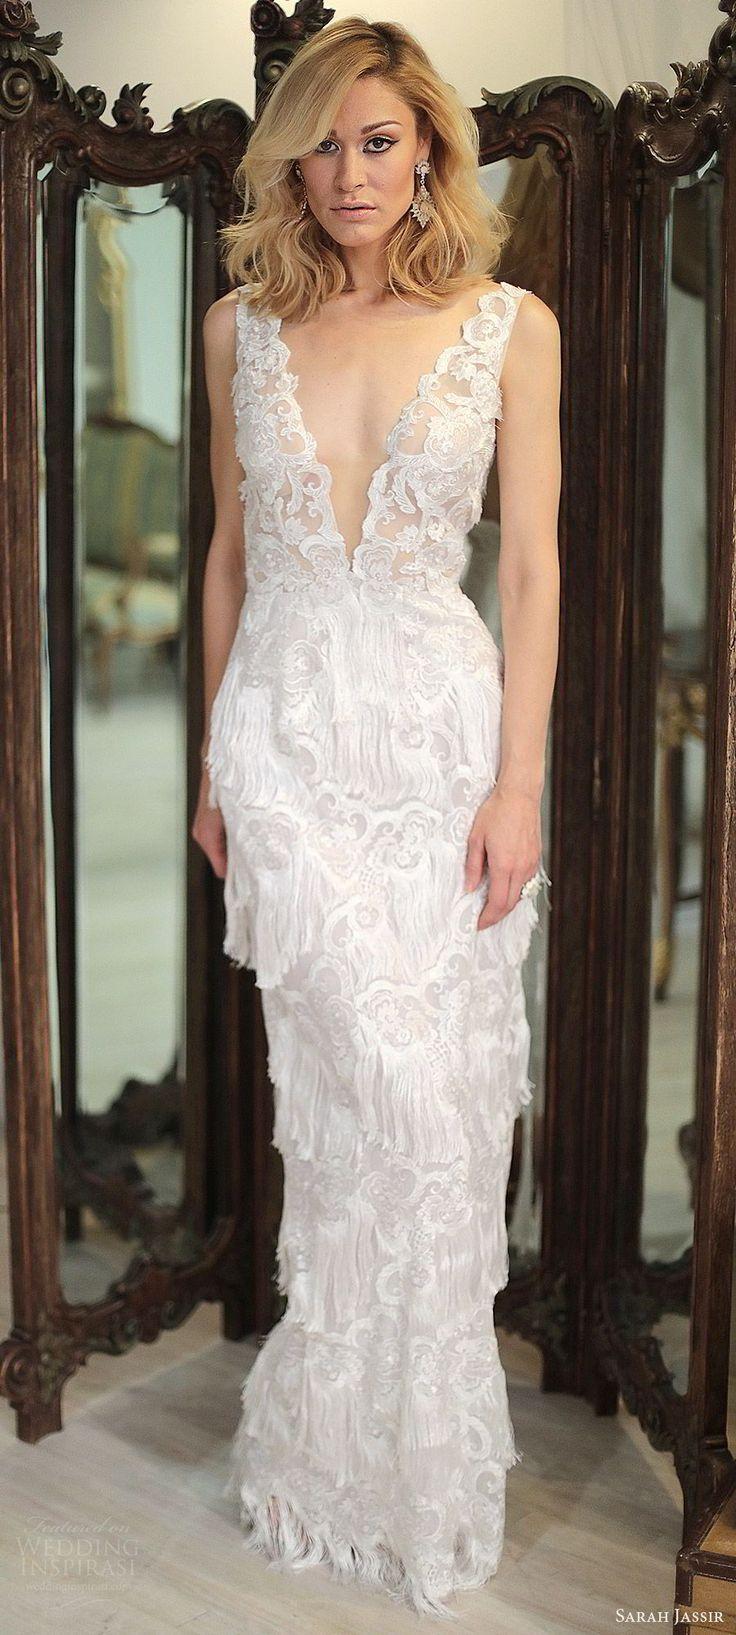 sarah jassir bridal 2018 sleeveless illusion straps deep v neck heavily embellished lace sheath wedding dress (ivana) bv sweep train fringe skirt -- Sarah Jassir 2018 Wedding Dresses